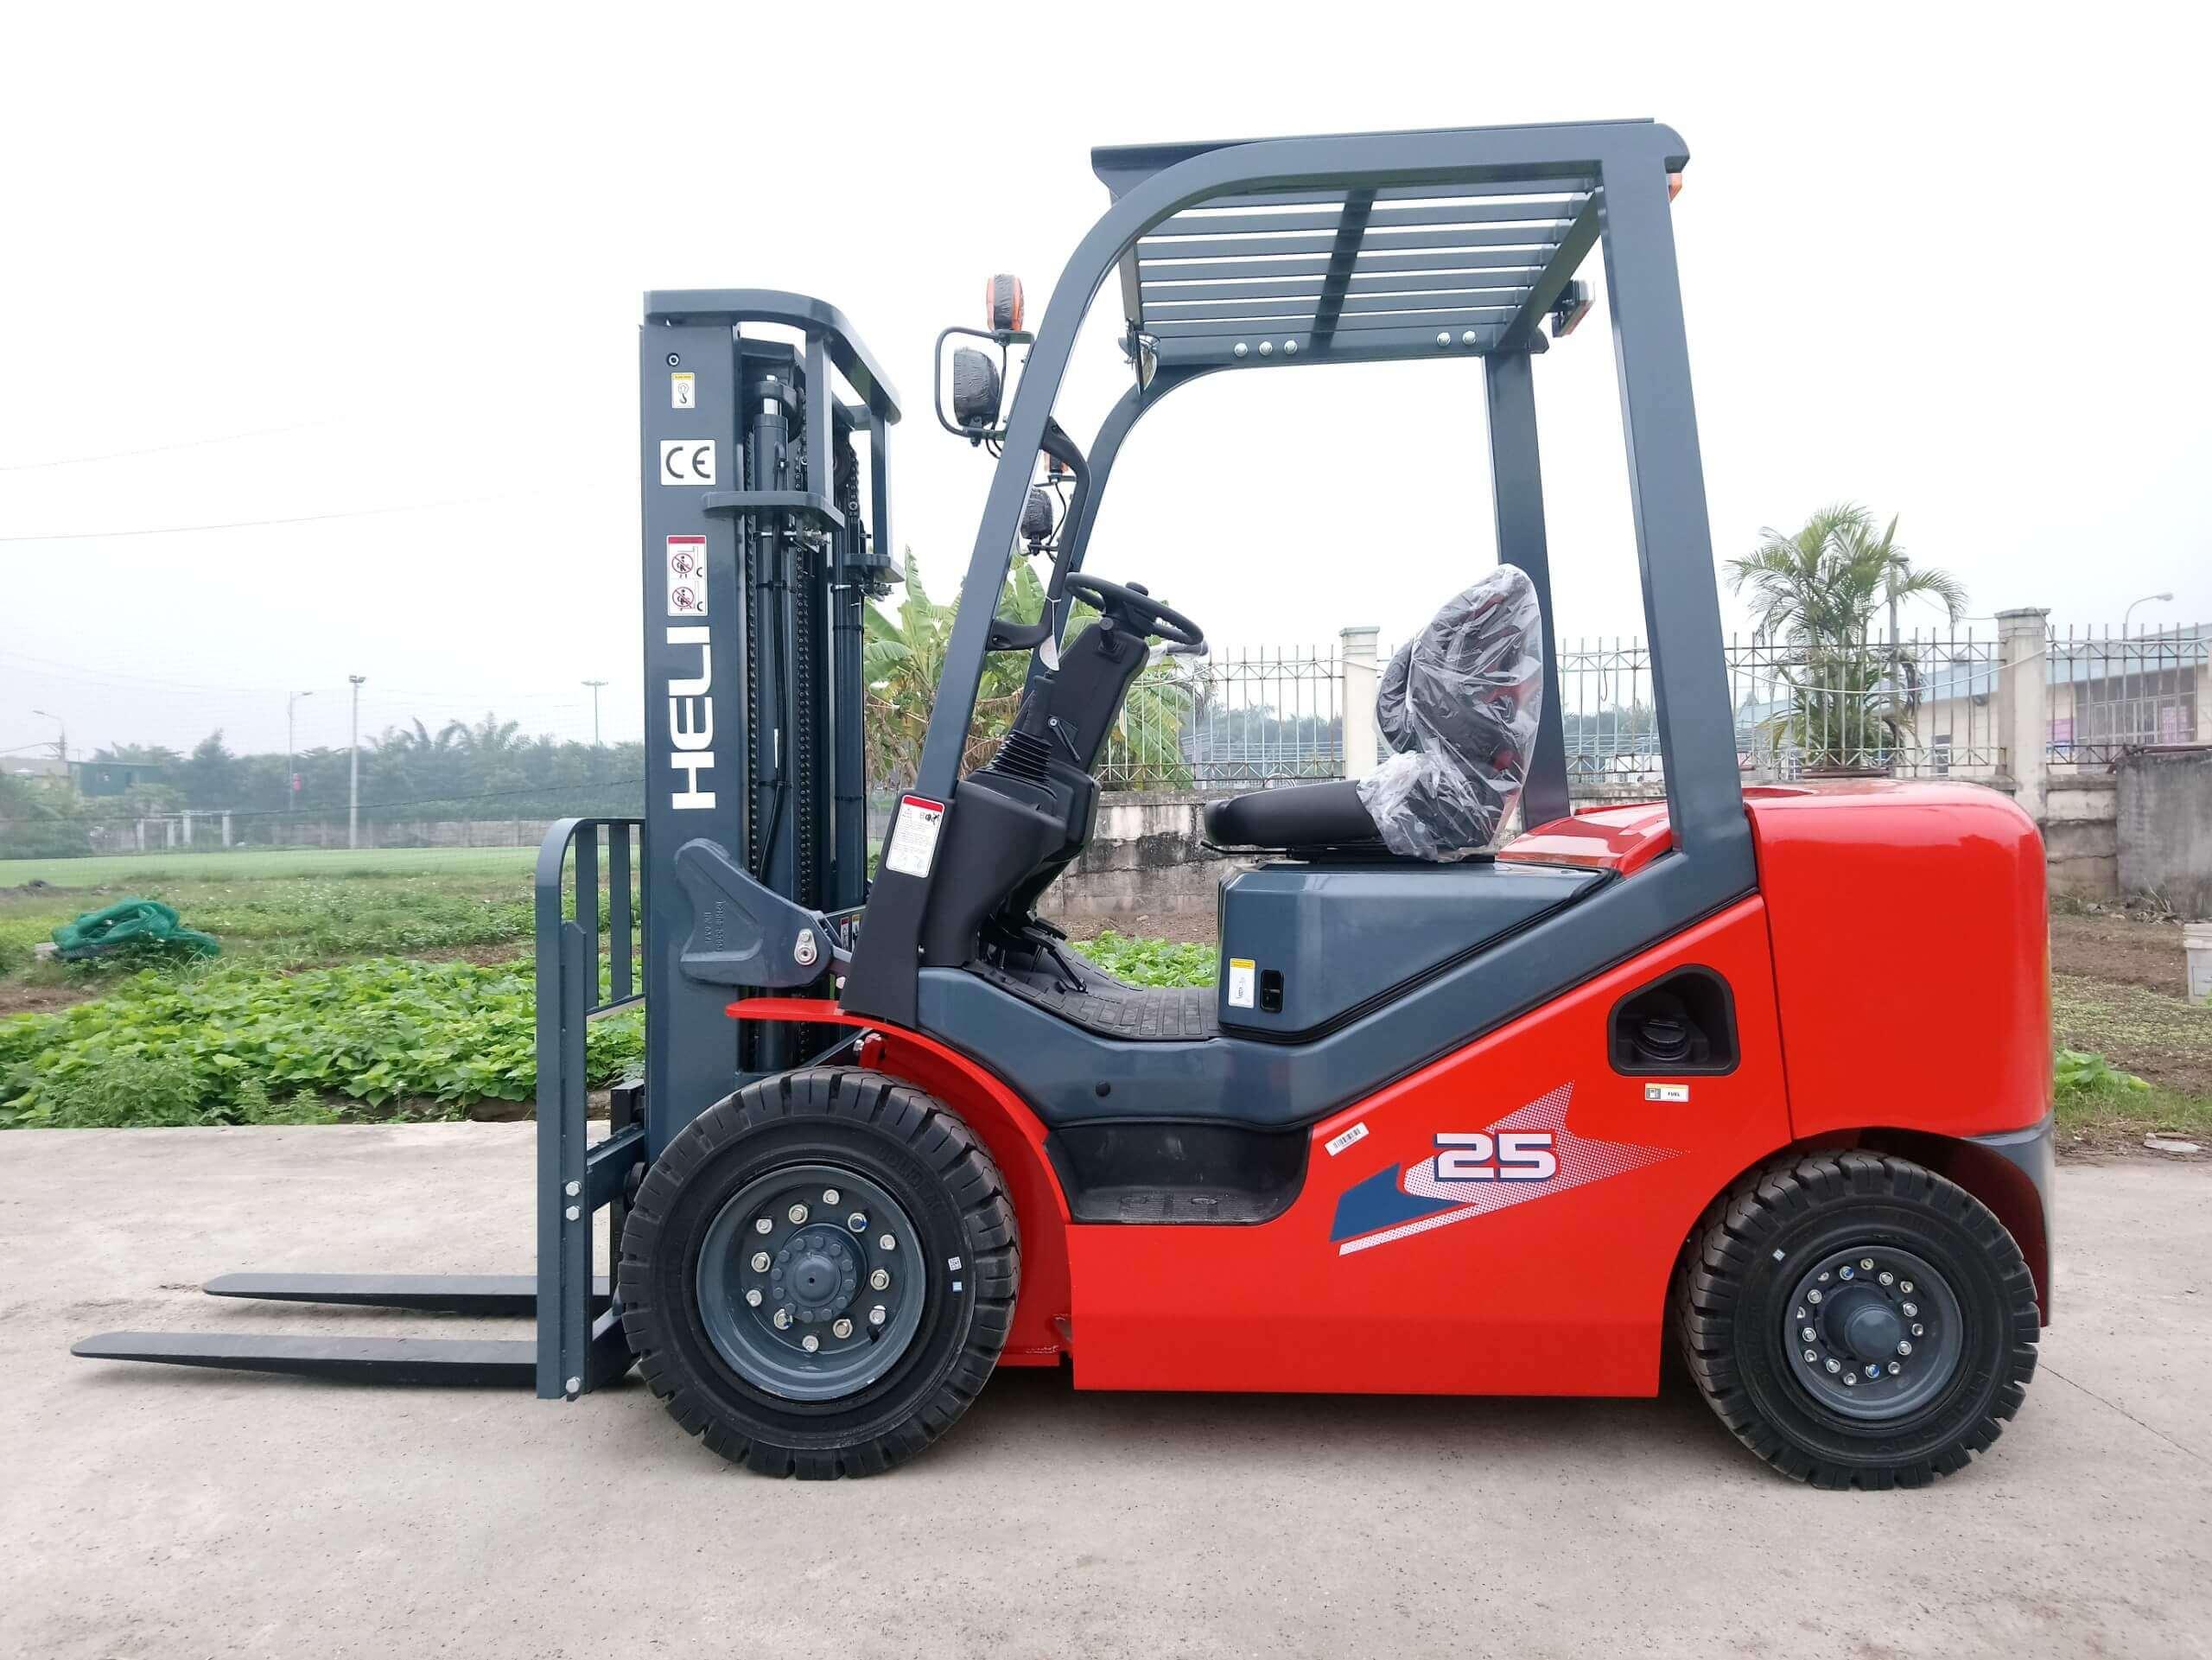 Xe nâng chạy xăng 2.5 tấn Heli H3-Series